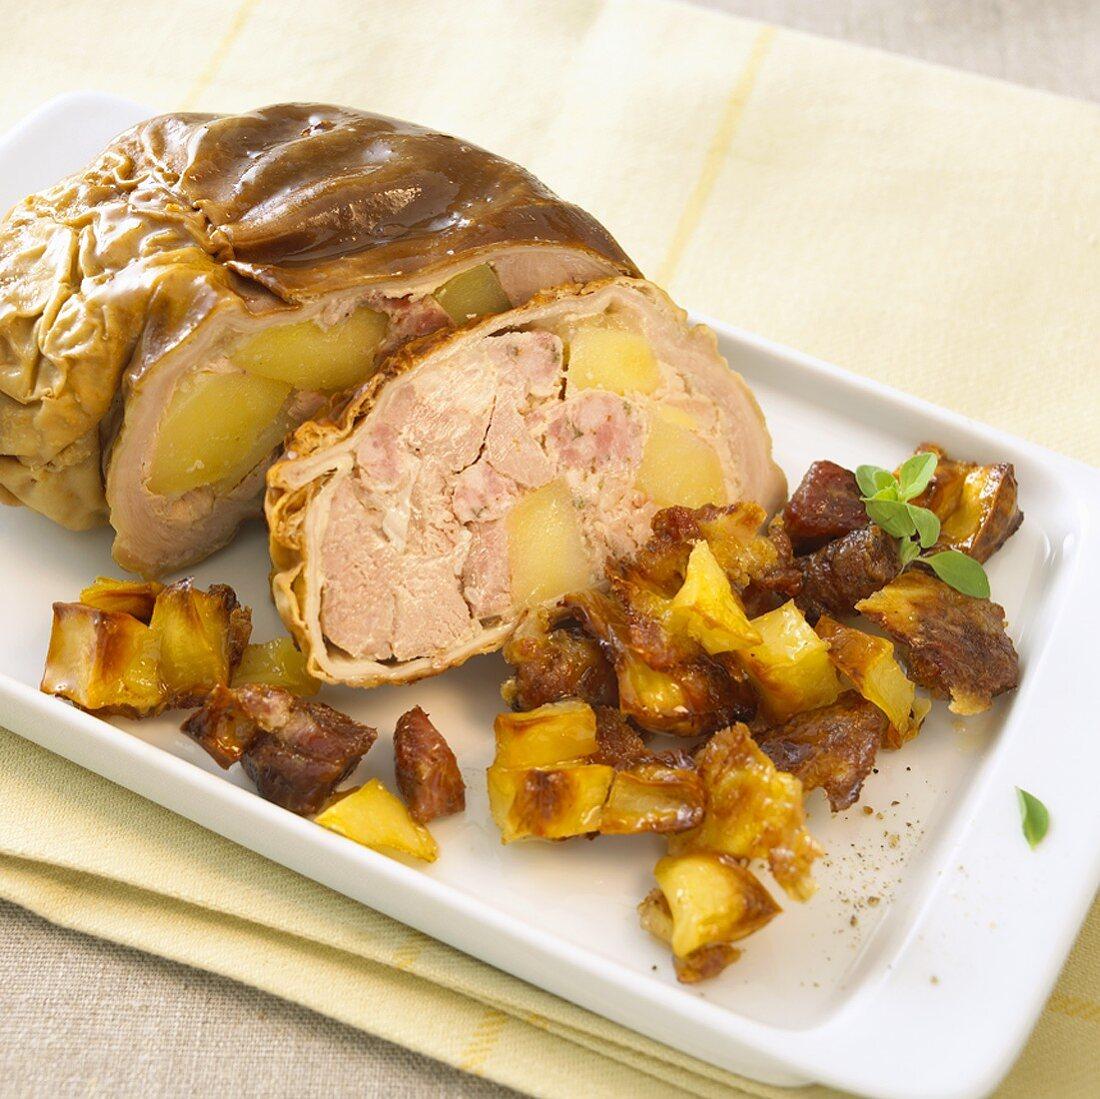 Saumagen (Stuffed pig's stomach)